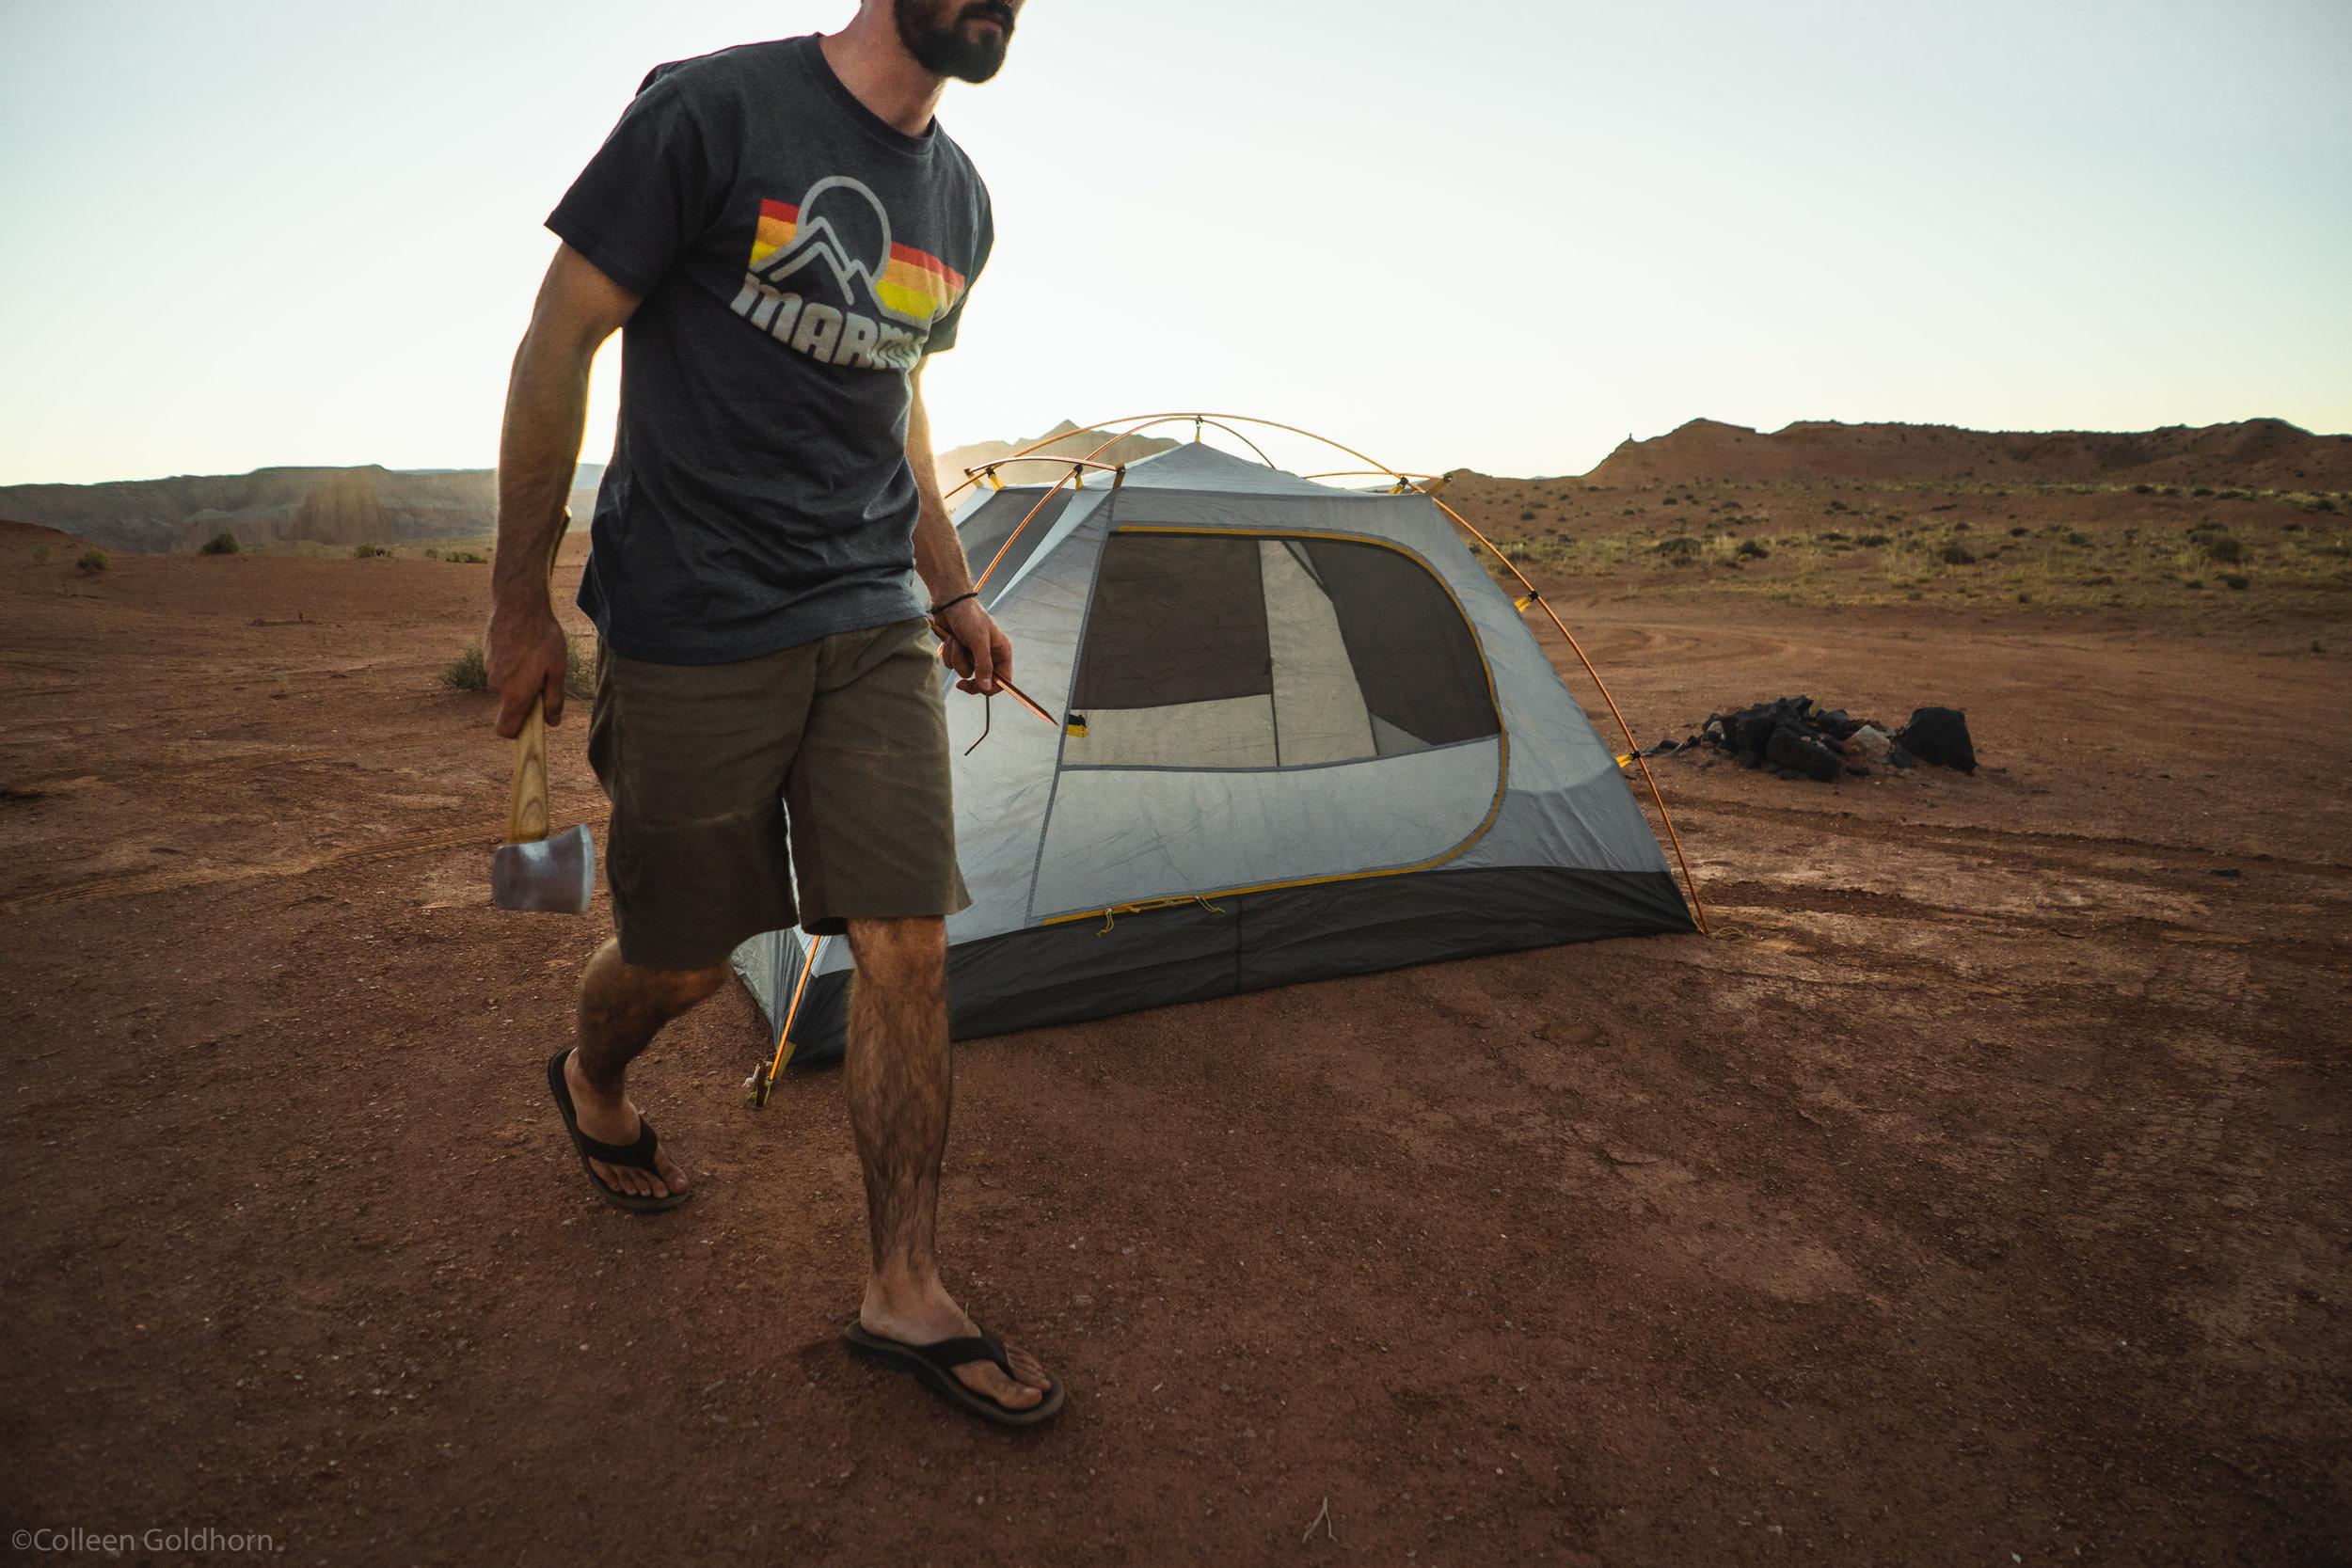 We set up camp as the sun began to set,